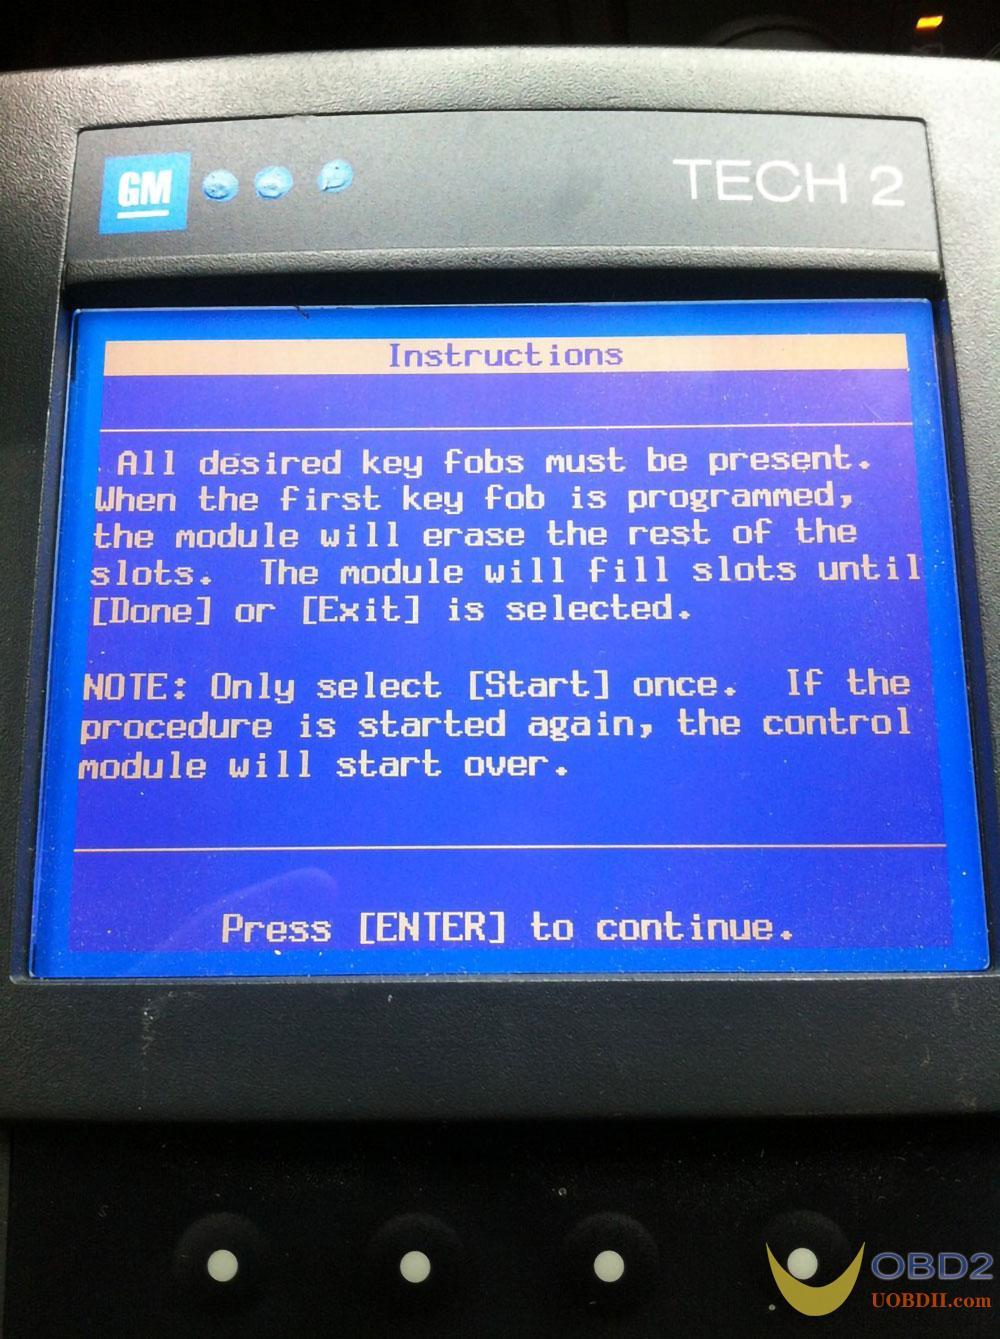 gm-tech2-2009-chevy-hhr-key-fobs-programming-28